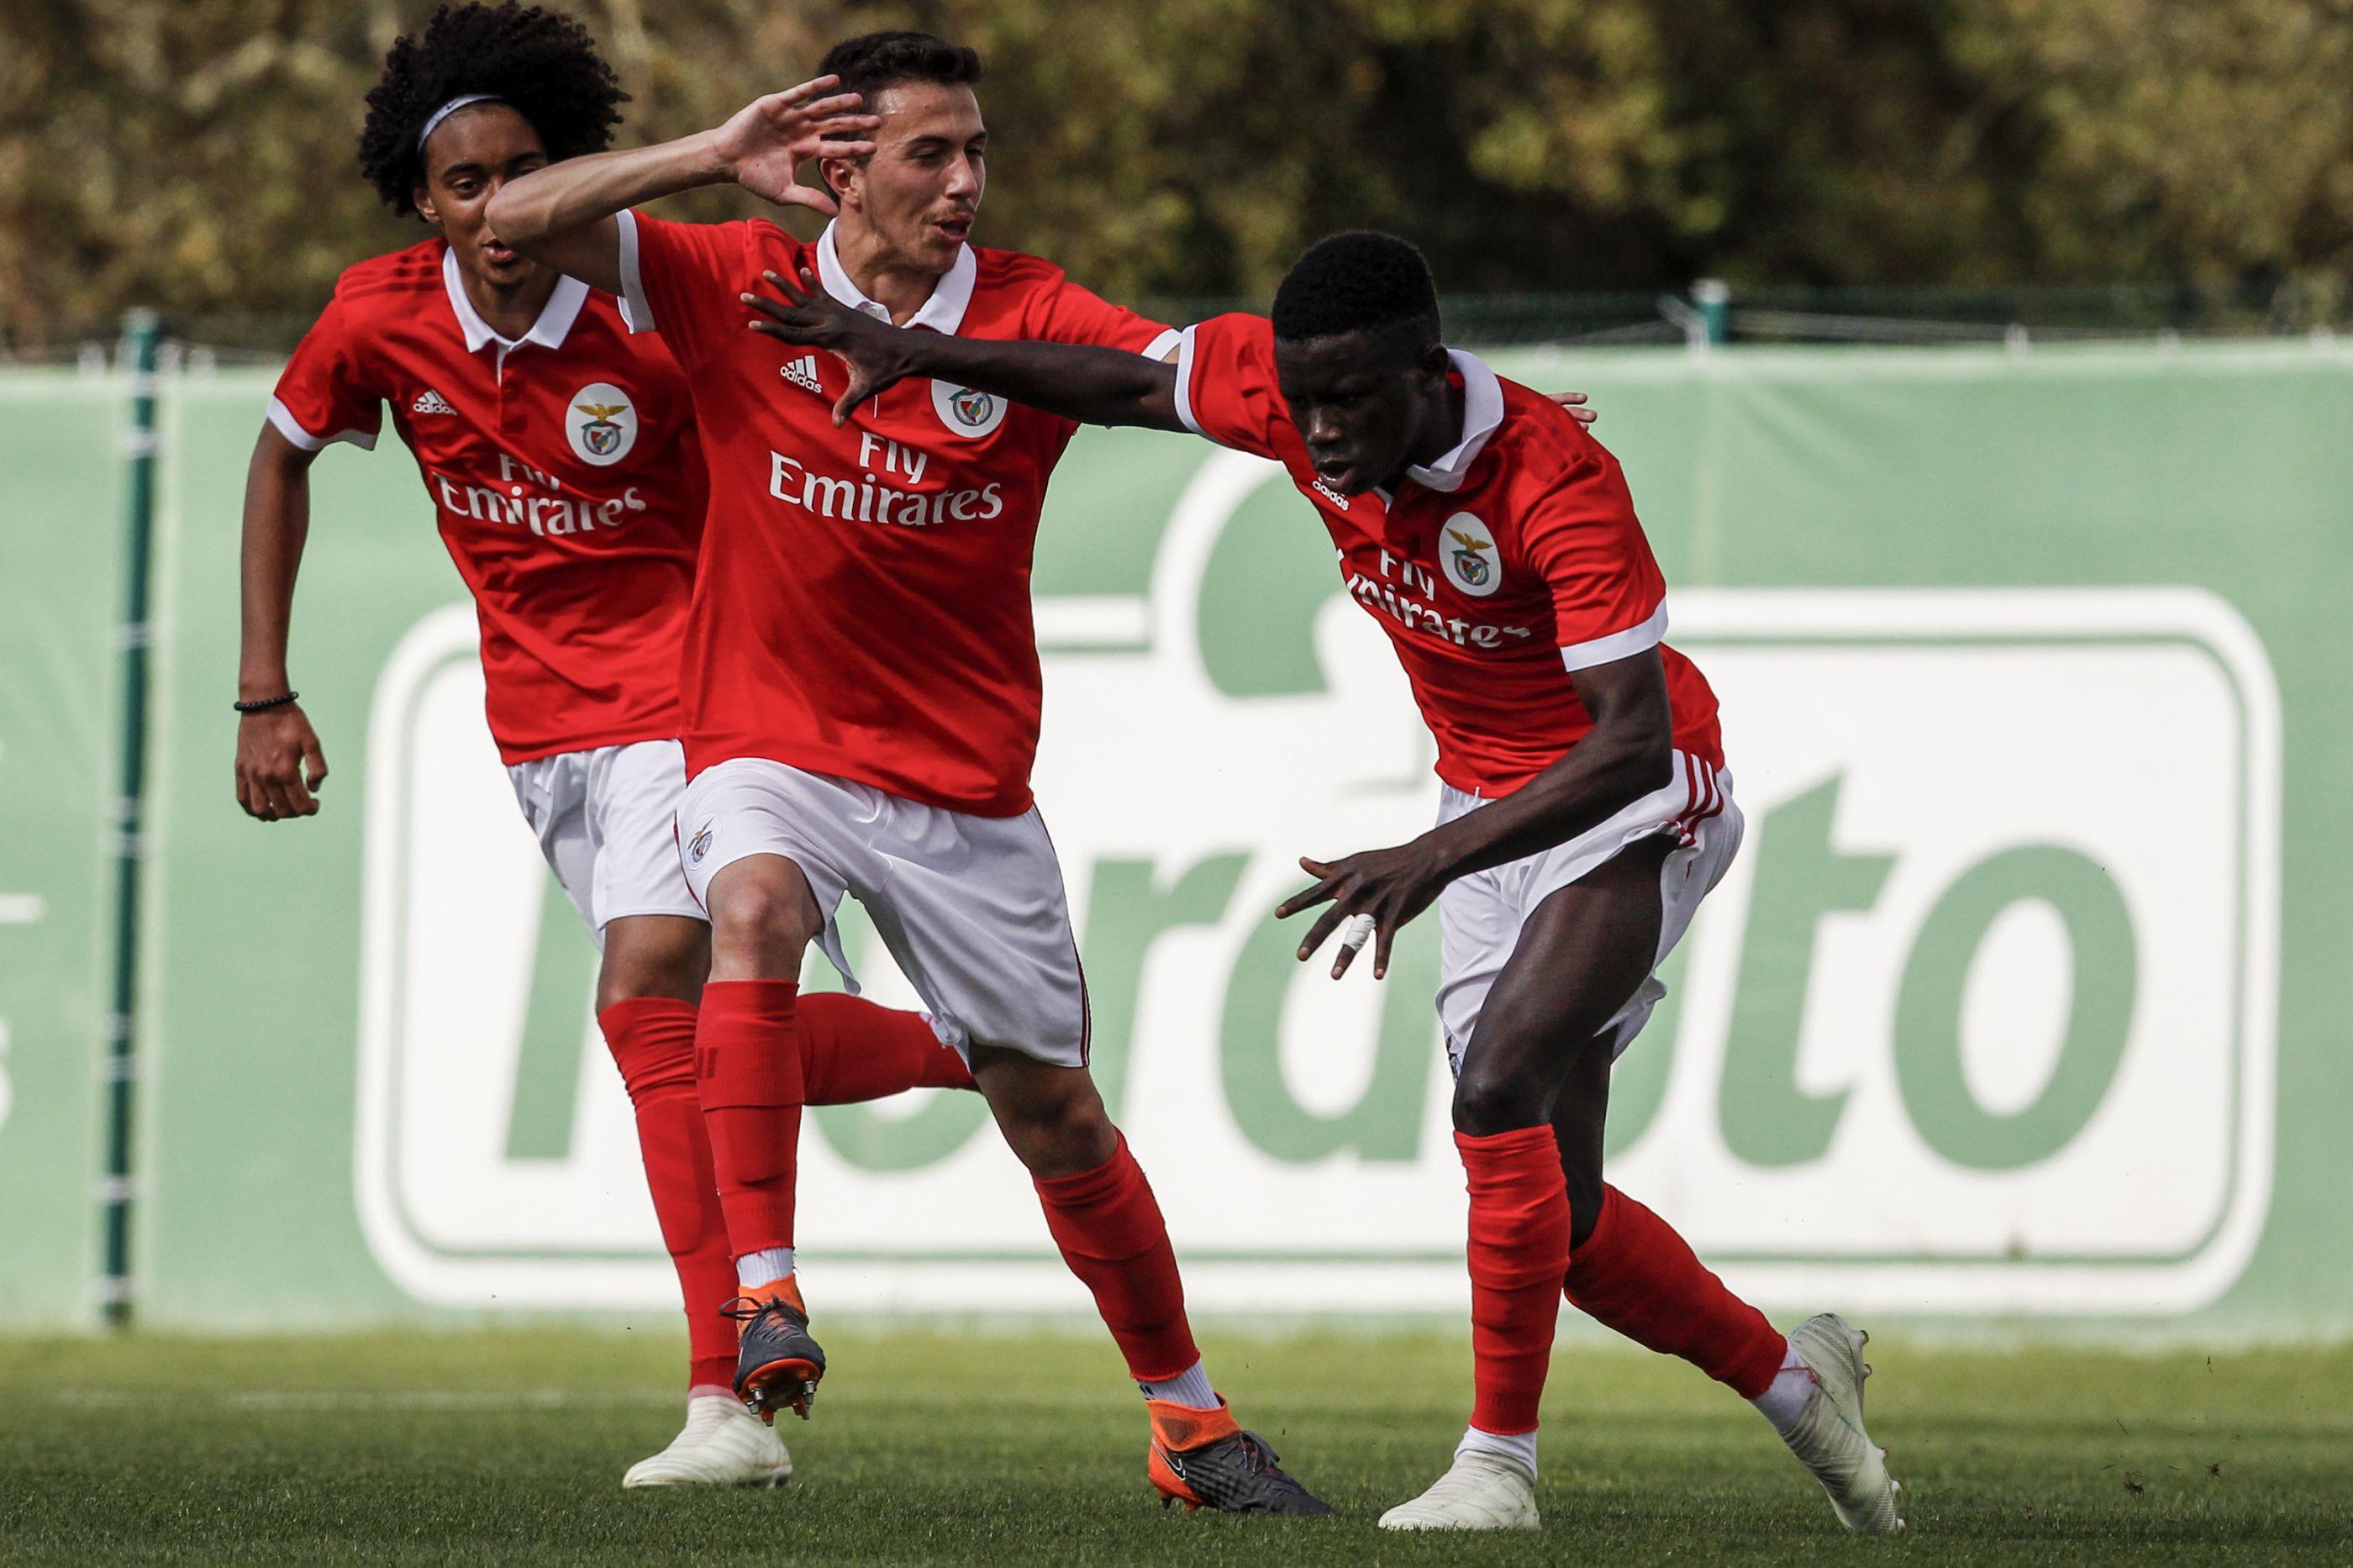 Benfica empata com o Bayern com selo de... Ronaldo